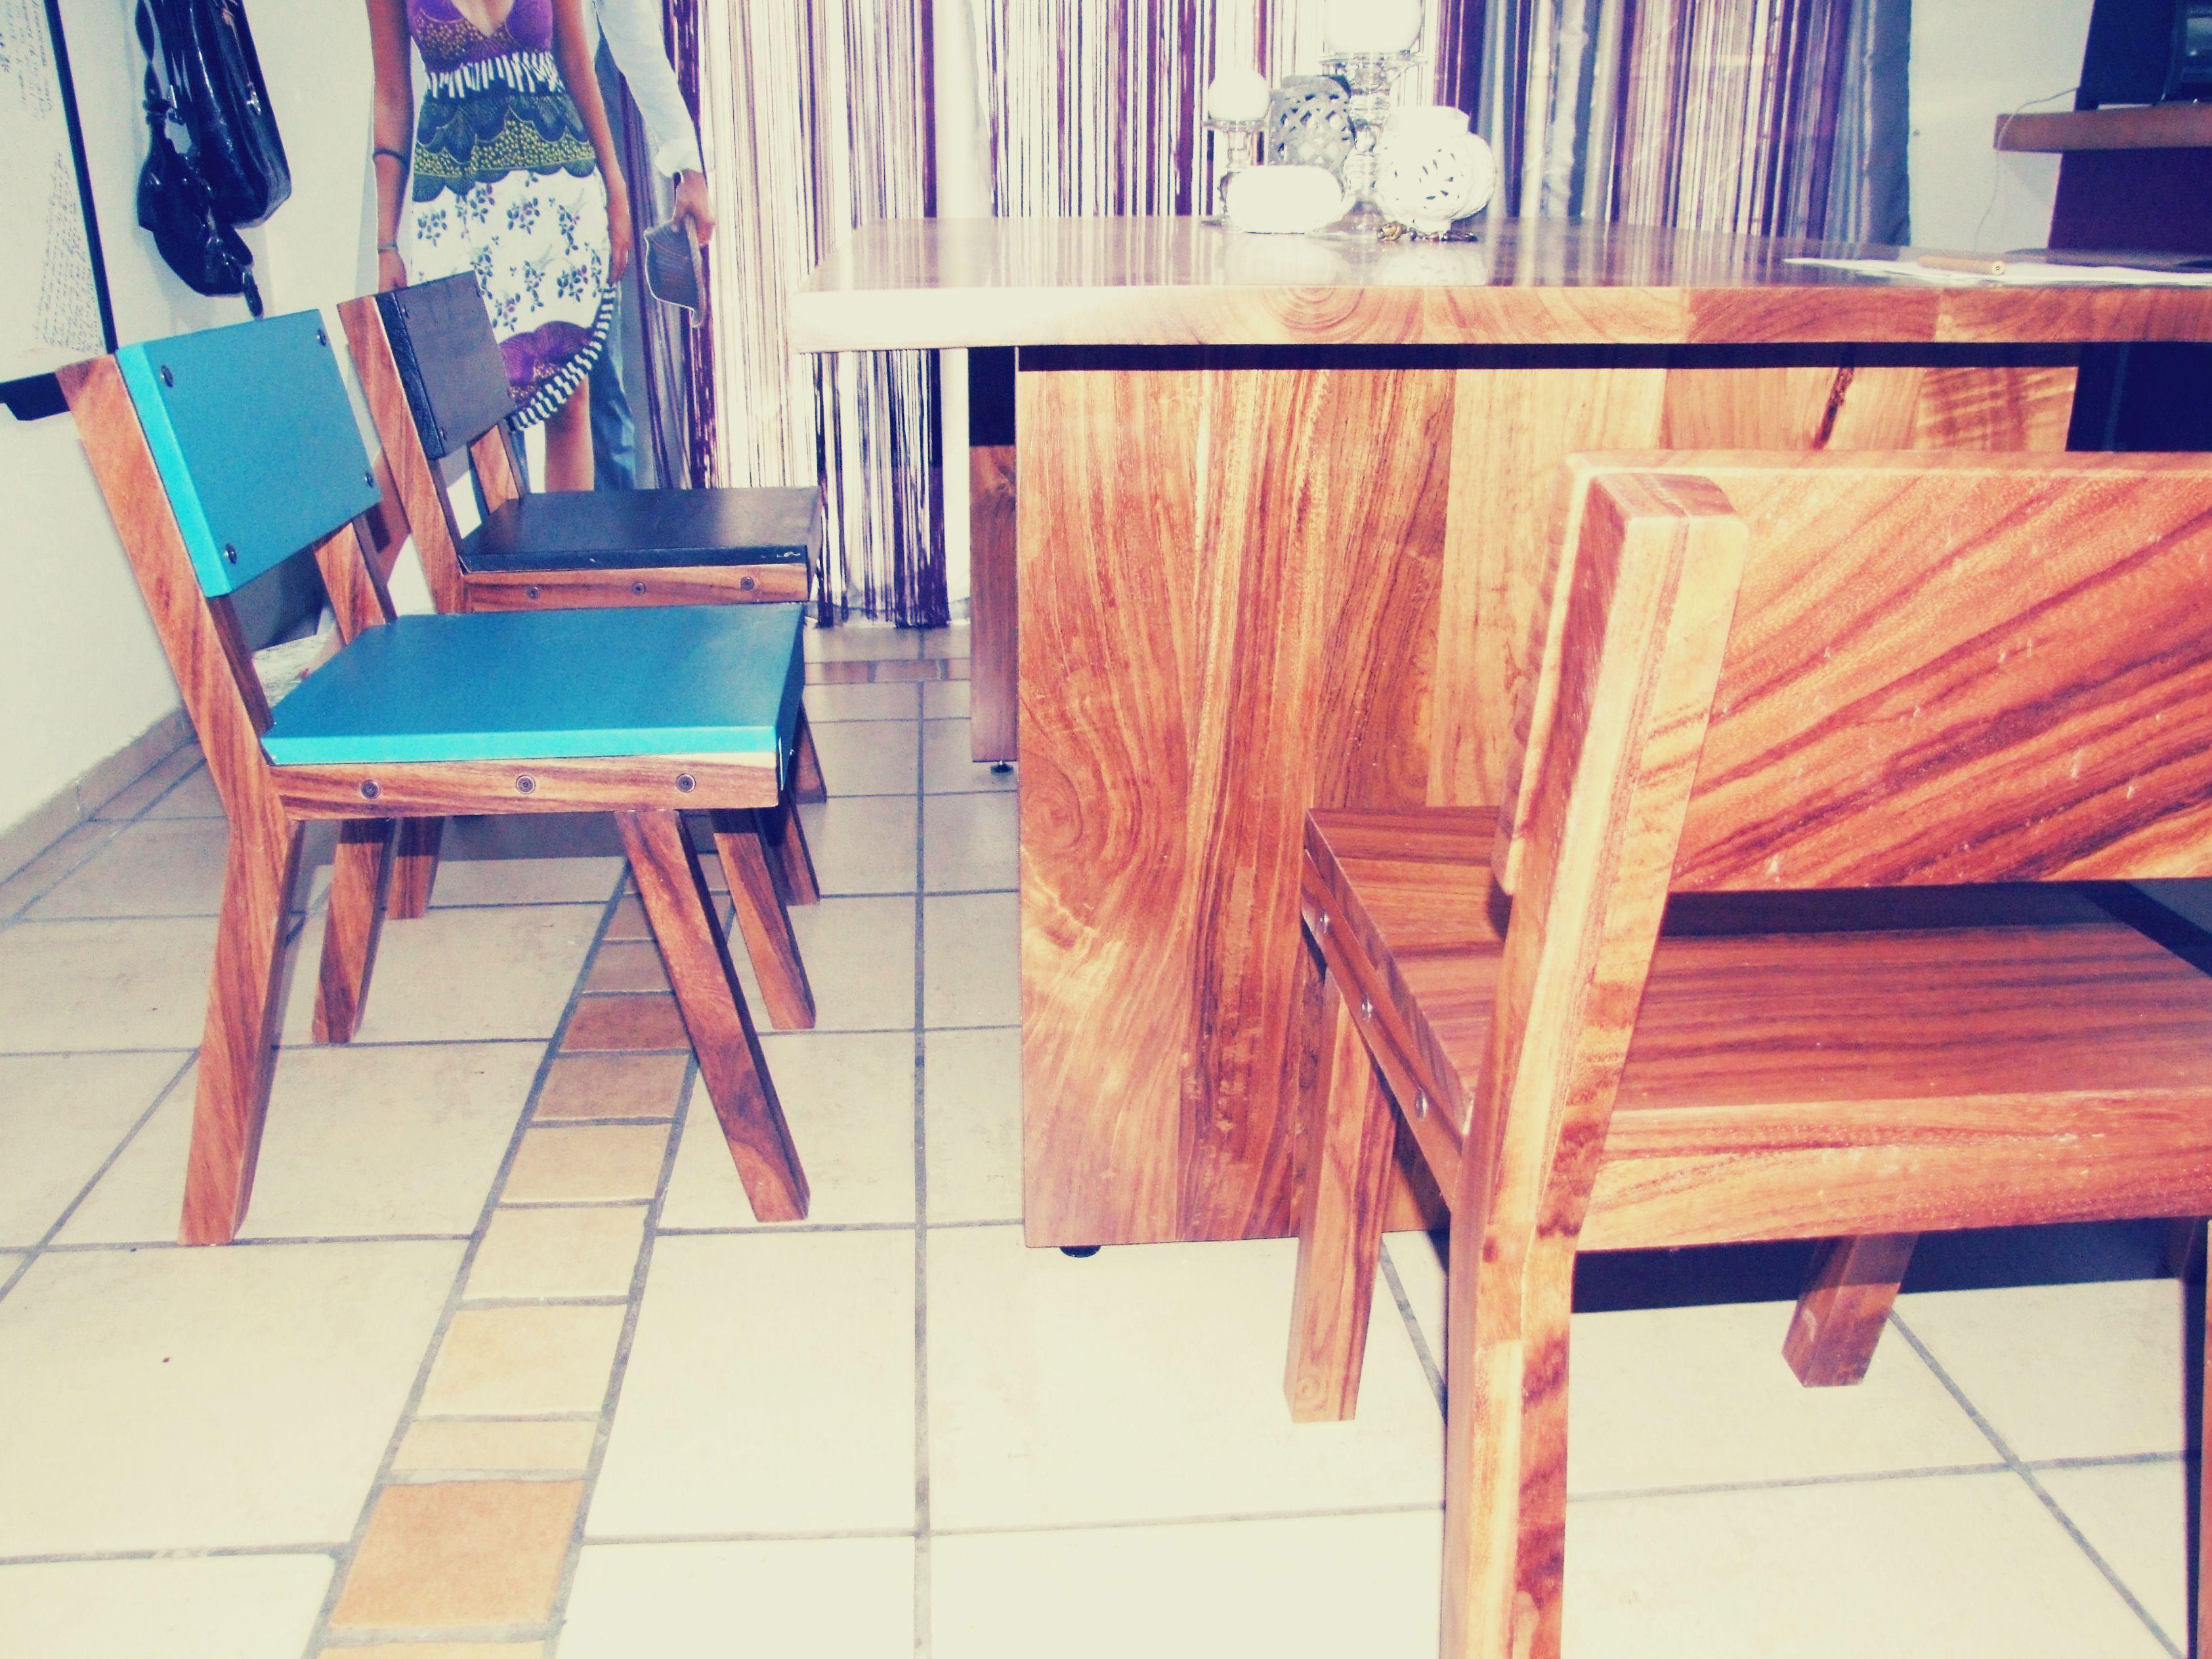 Comedor En Madera De Parota Sillas Lilk Muebles Chairs  # Muebles Puerto Vallarta